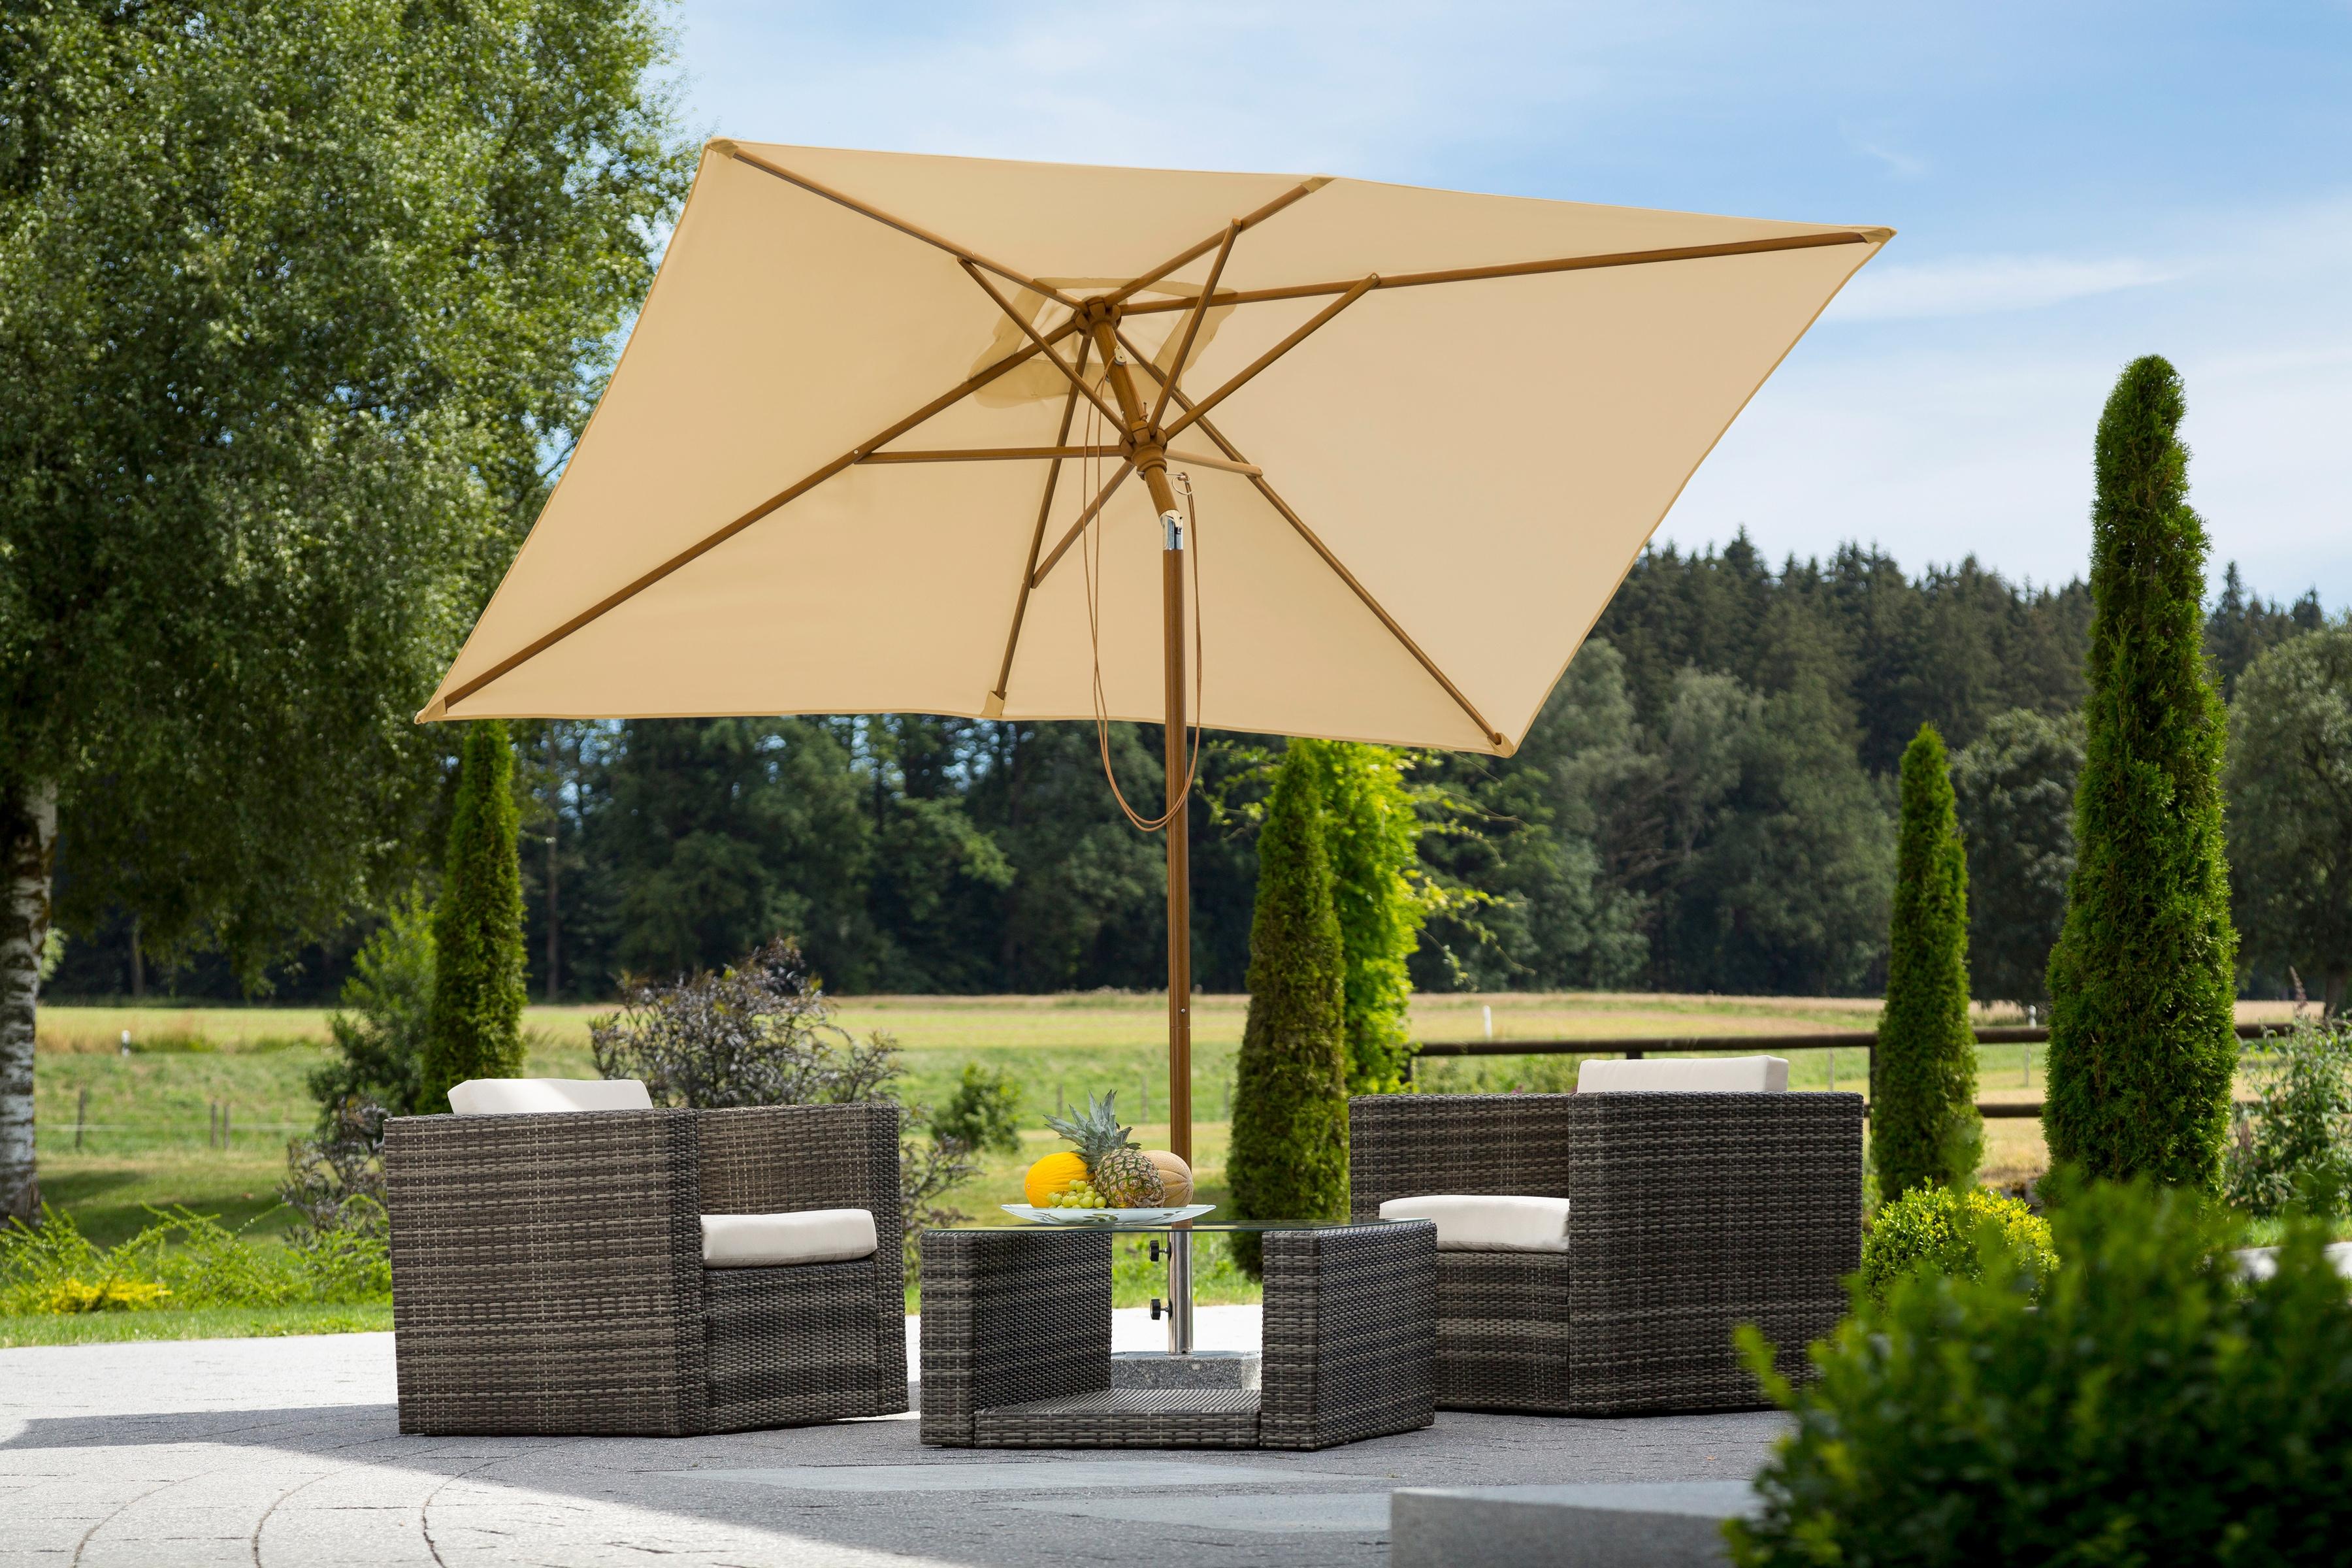 Schneider Schirme Sonnenschirm Malaga, abknickbar, ohne Schirmständer beige Sonnenschirme -segel Garten, Terrasse Balkon